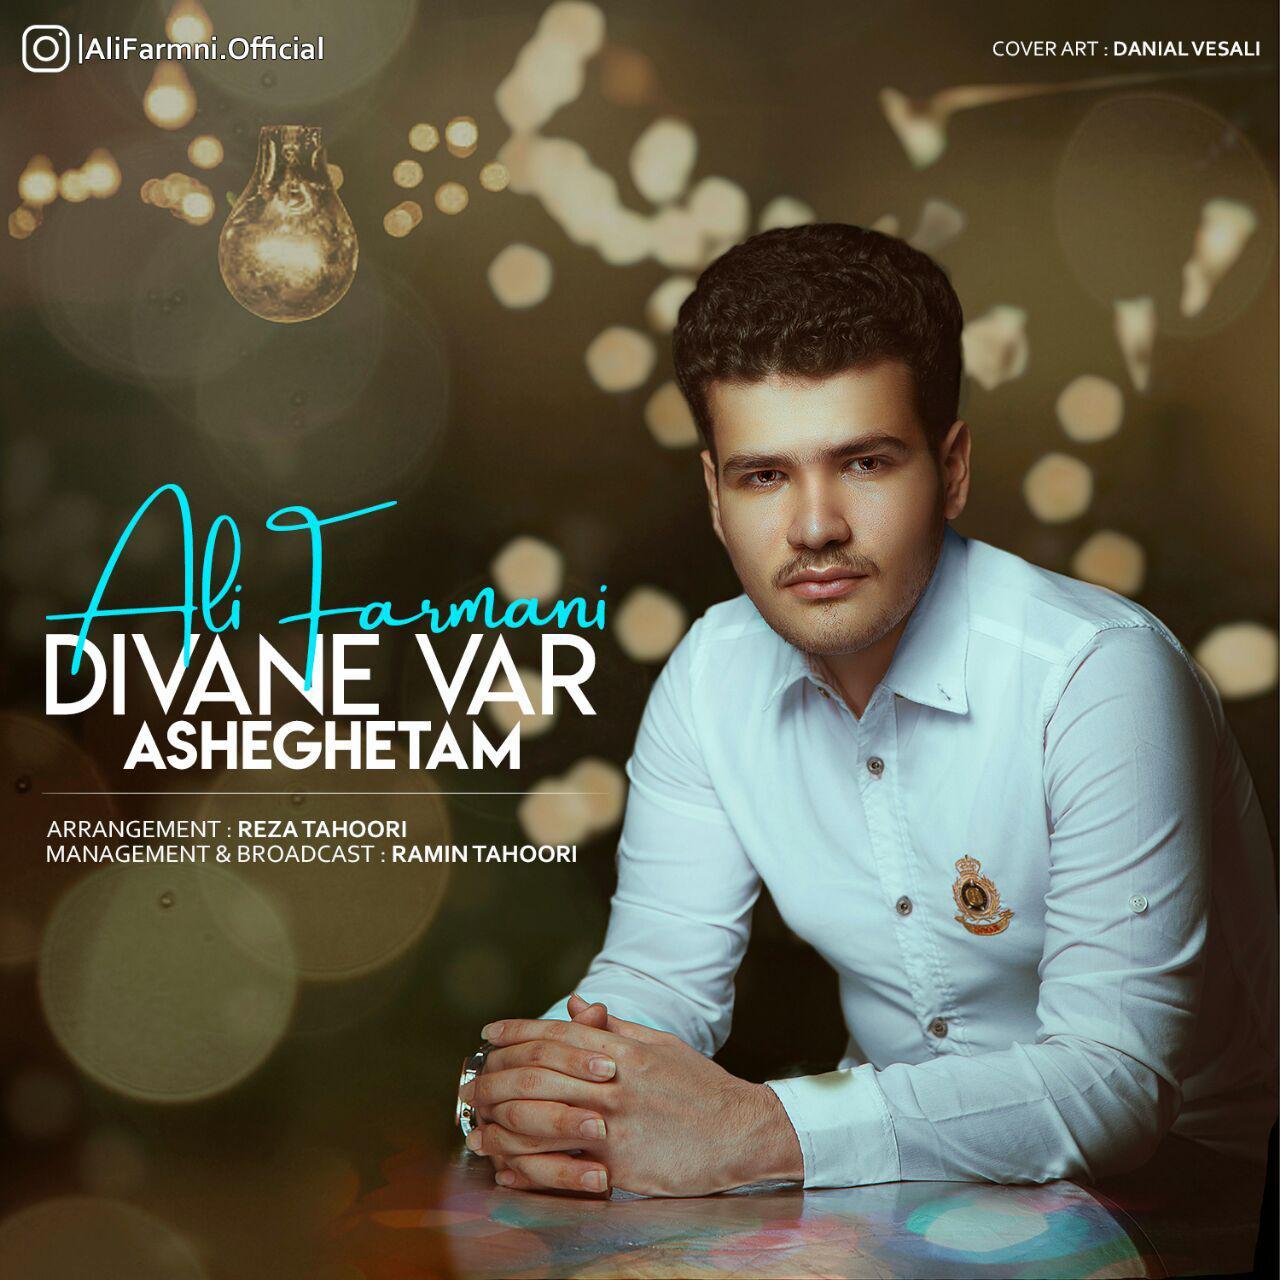 Ali Farmani – Divane Var Asheghetam